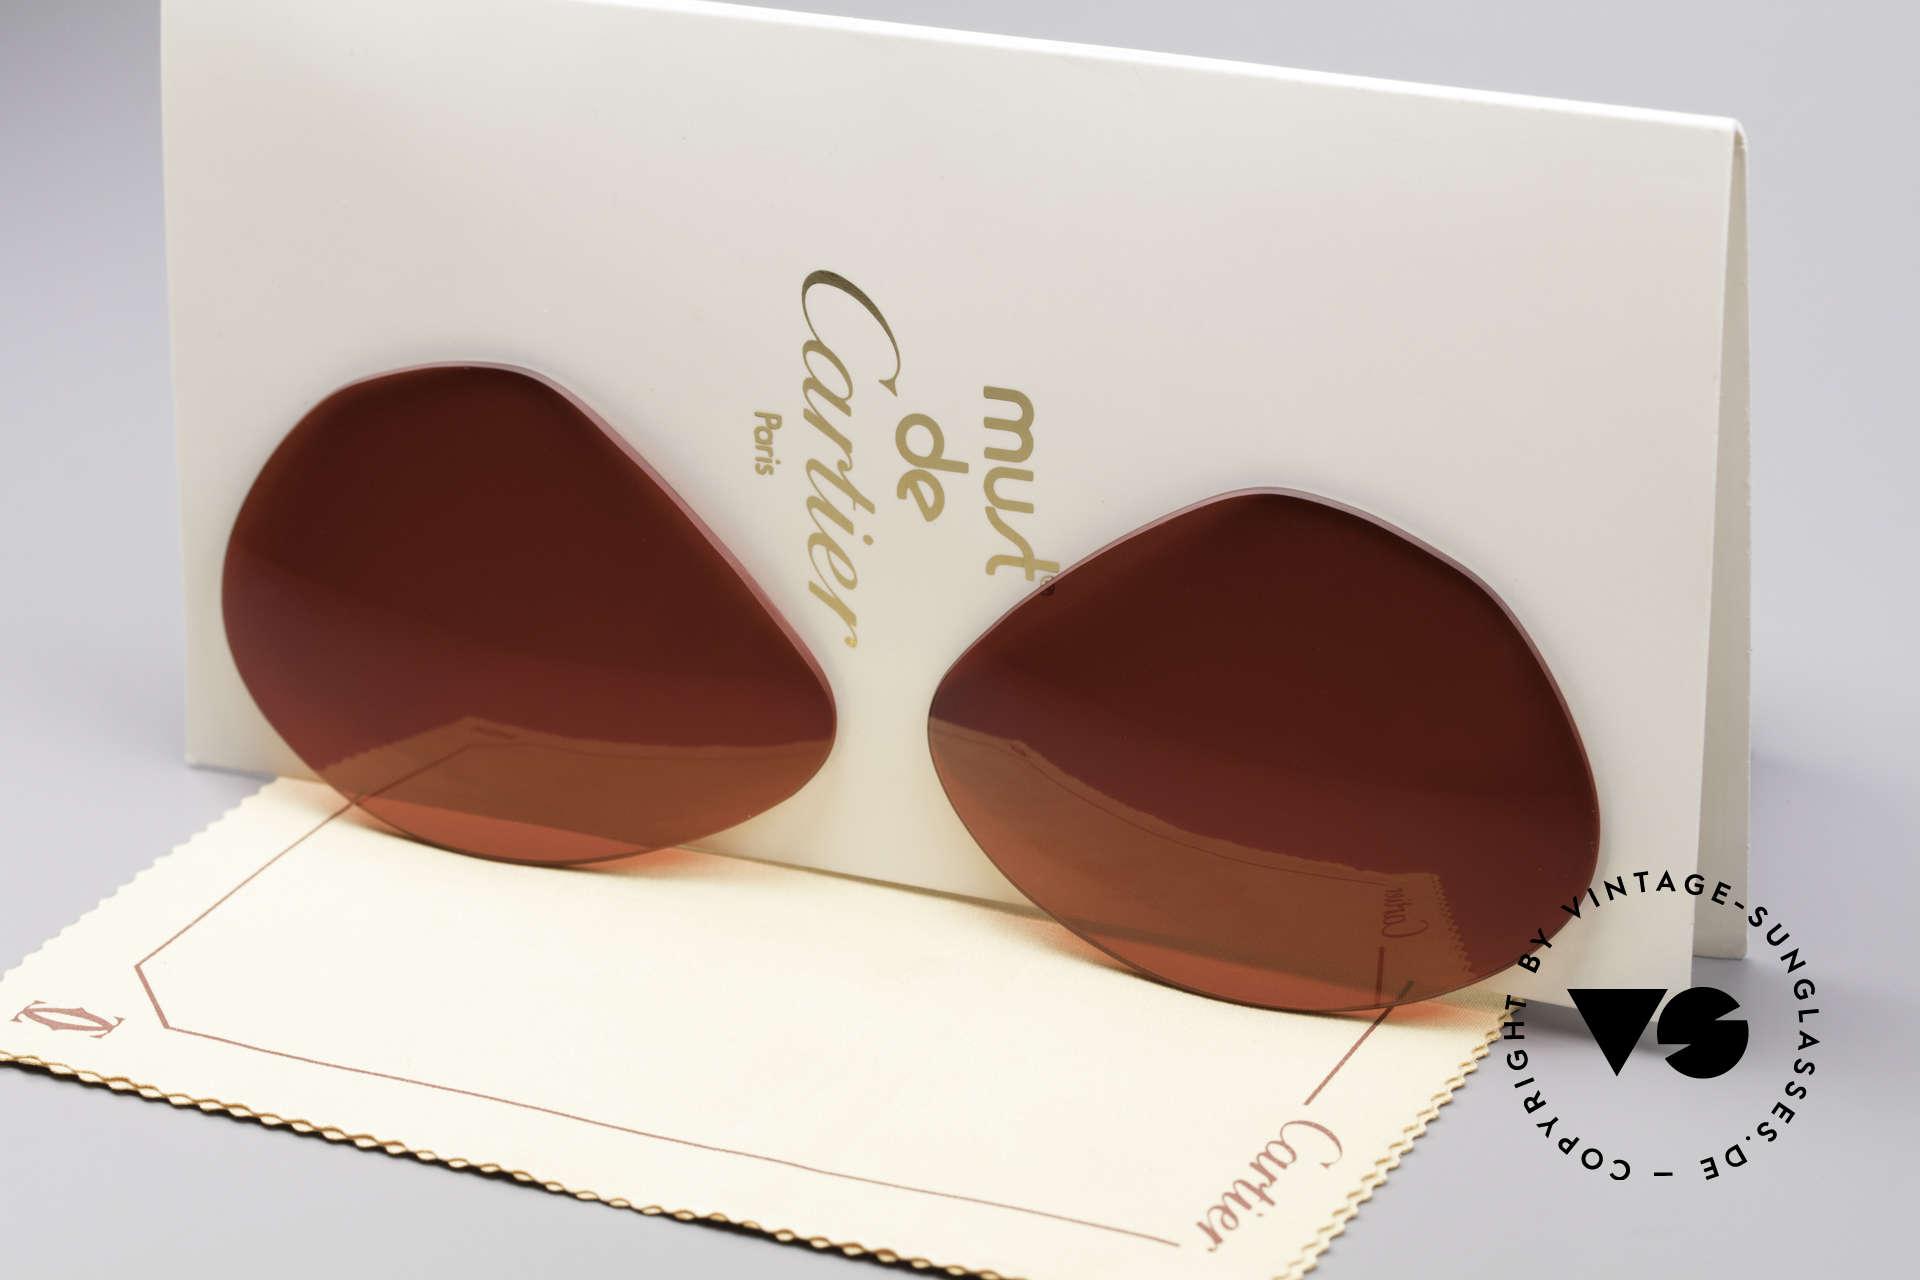 Cartier Vendome Lenses - L Sun Lenses 3D Red, replacement lenses for Cartier mod. Vendome 62mm size, Made for Men